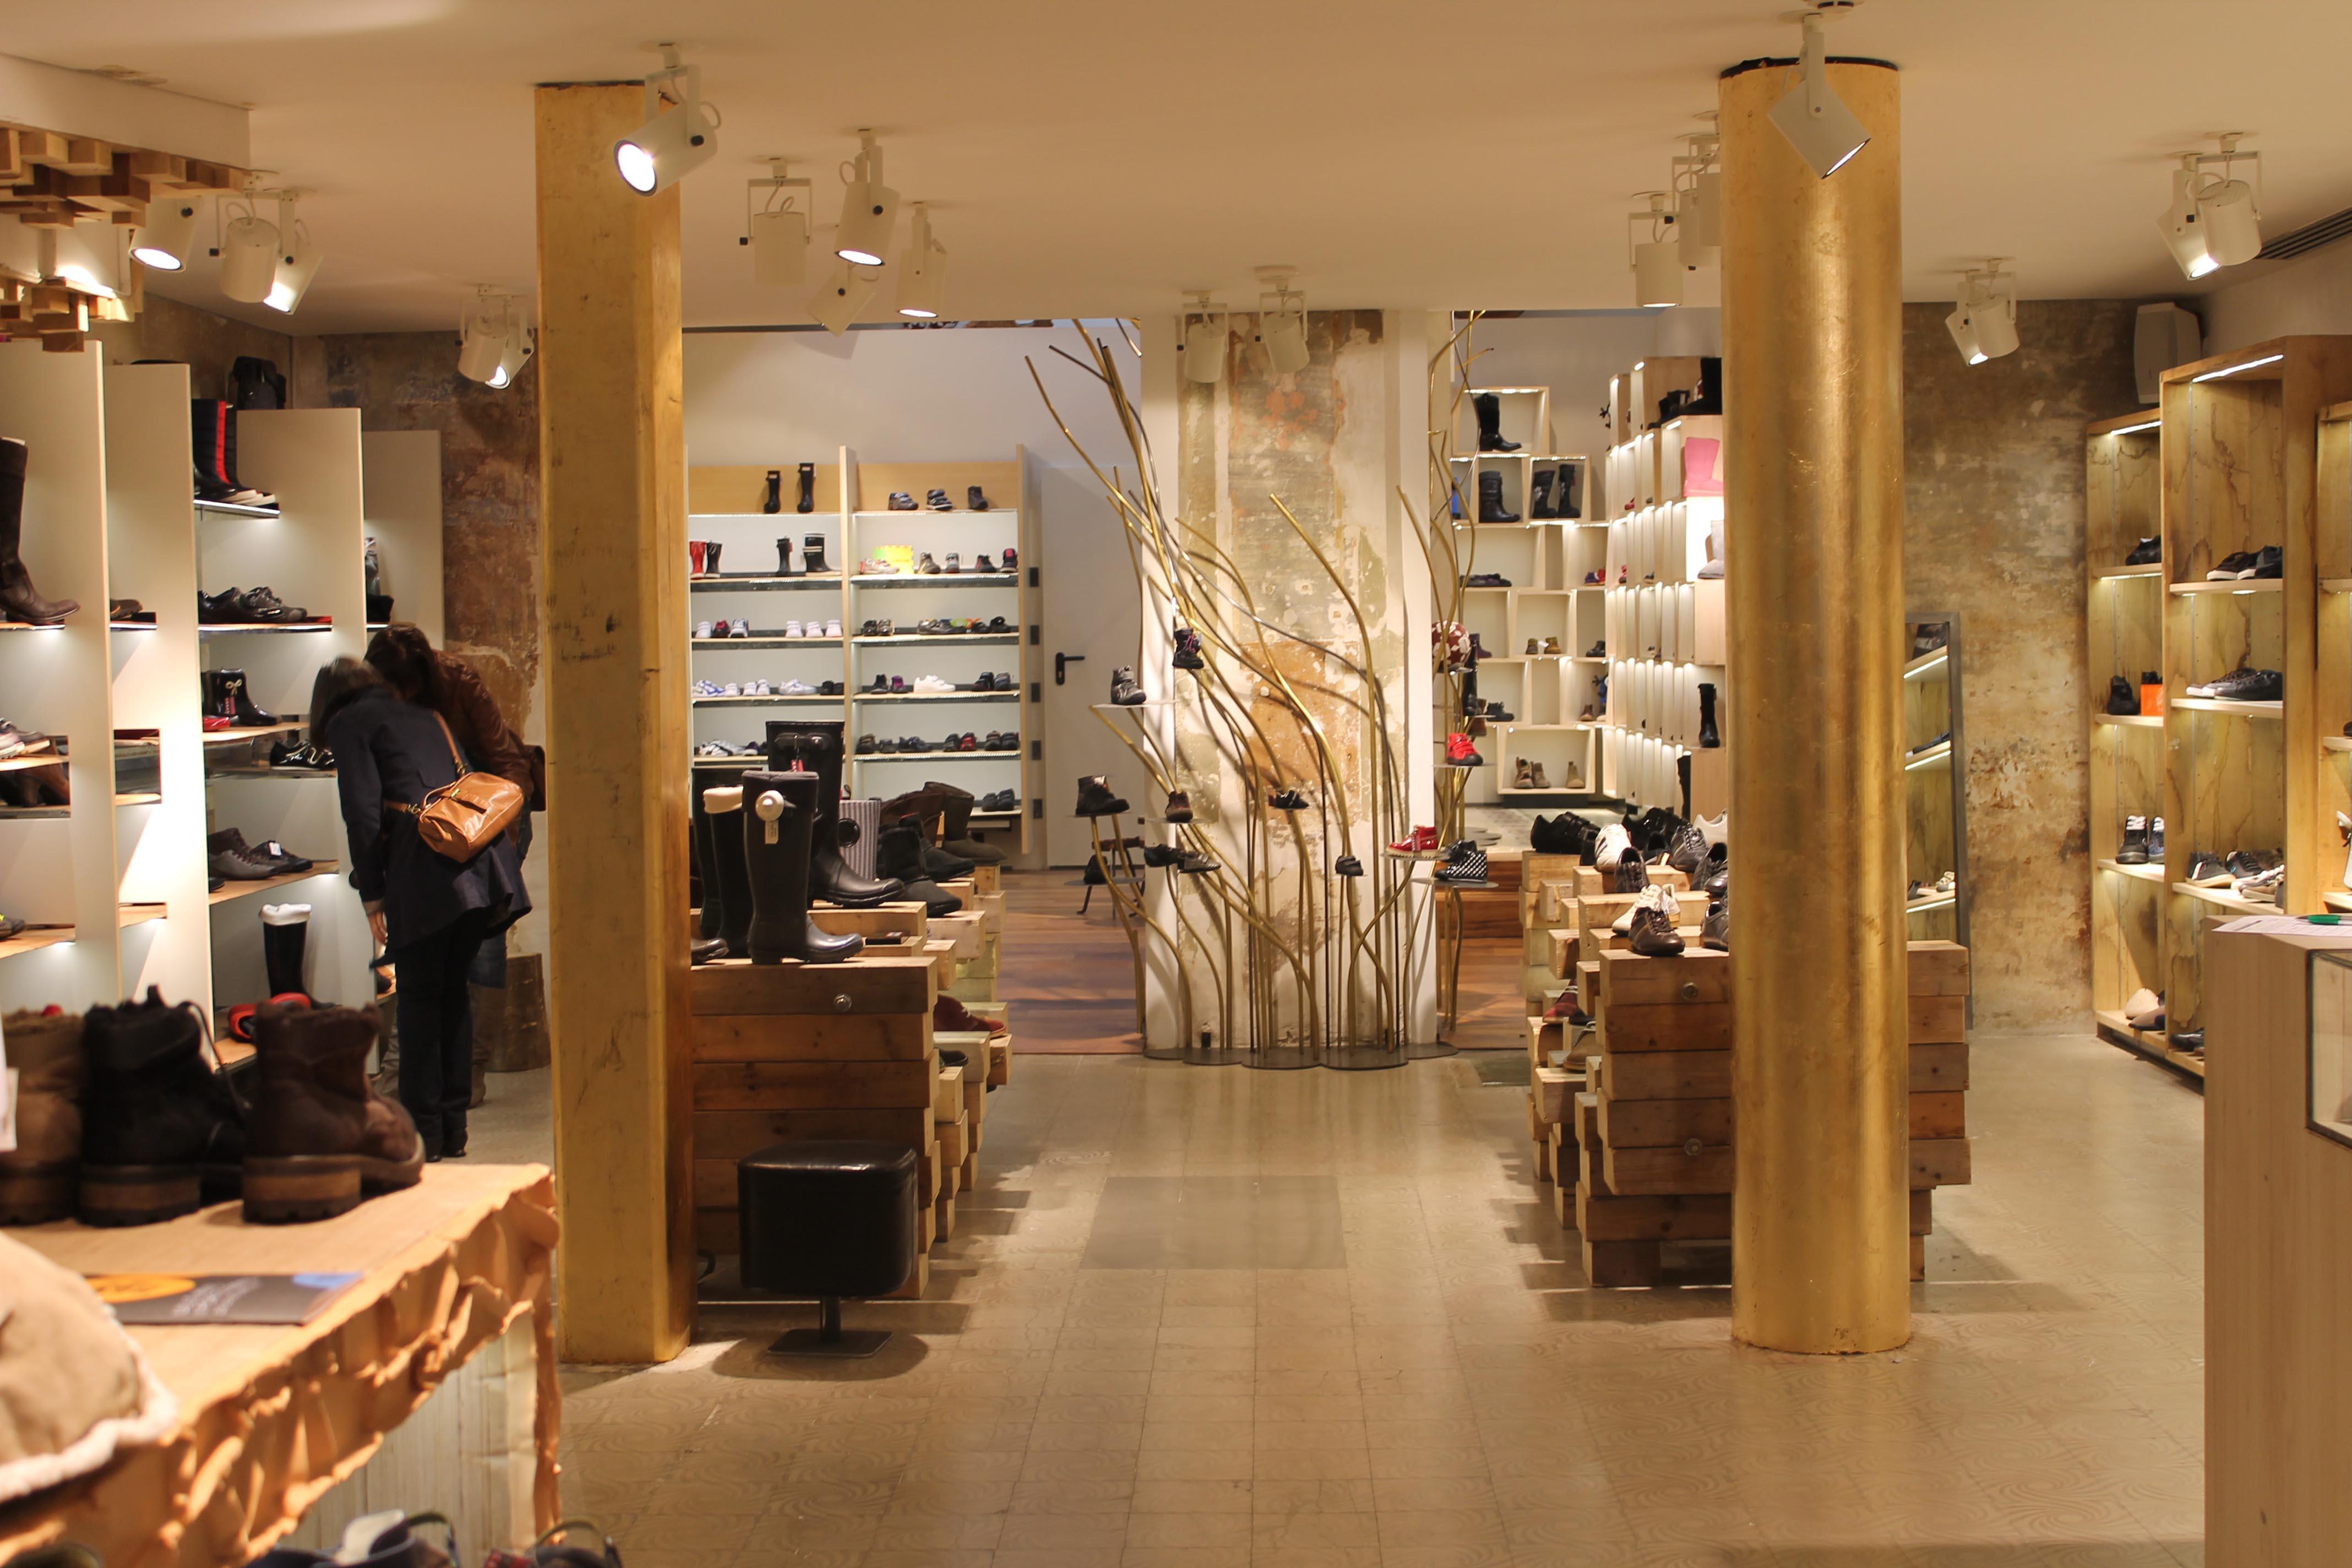 Zapateria casas barcelona iispaces - Zapateria casas outlet ...